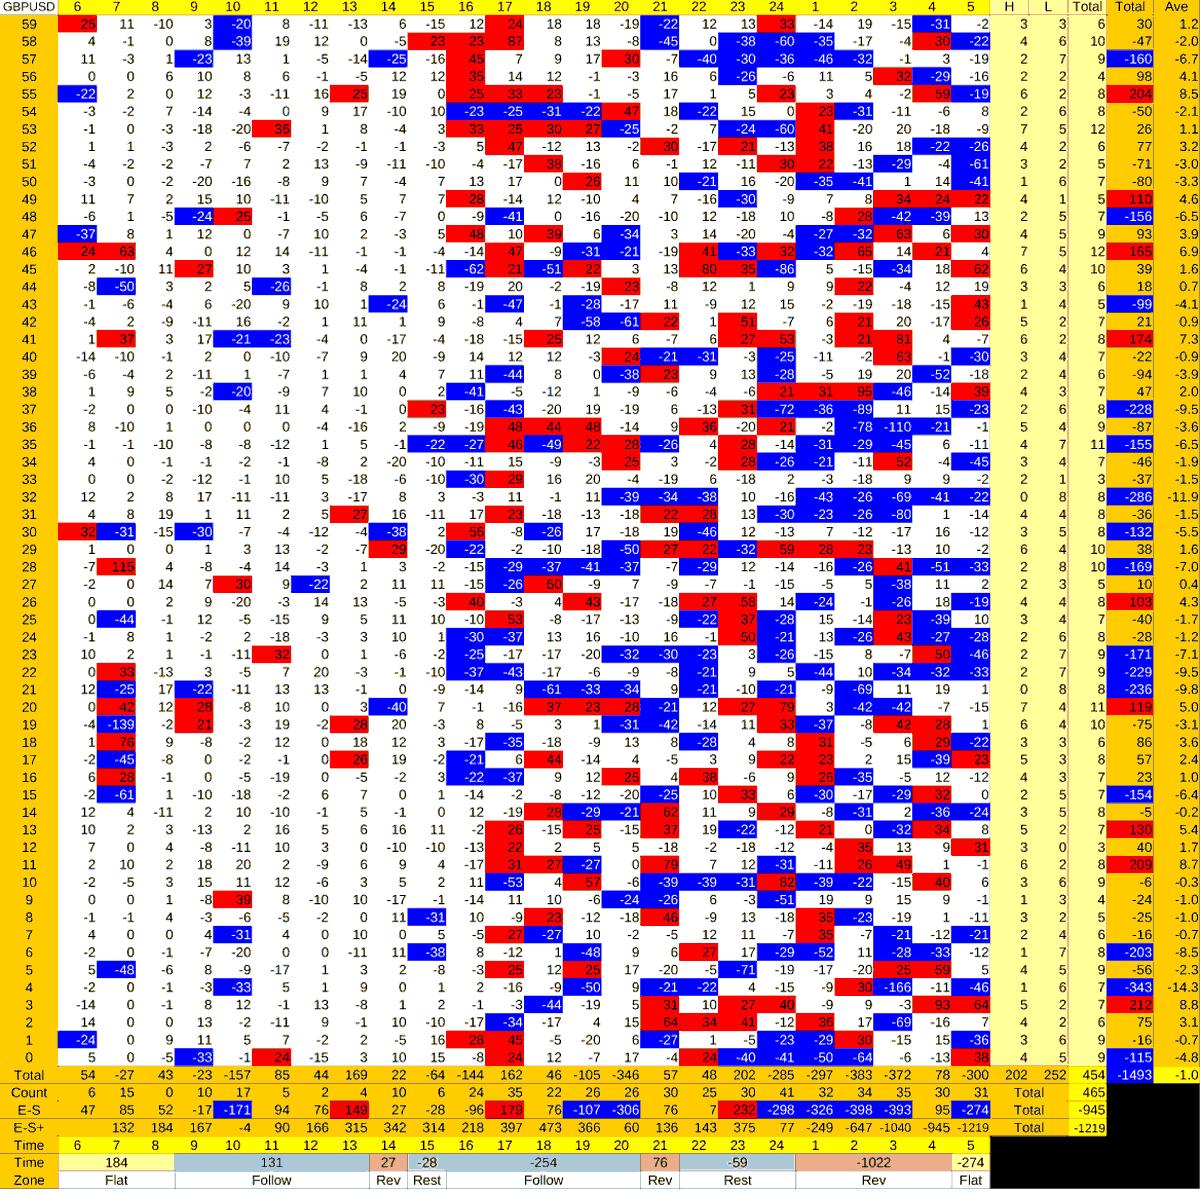 20210225_HS(2)GBPUSD